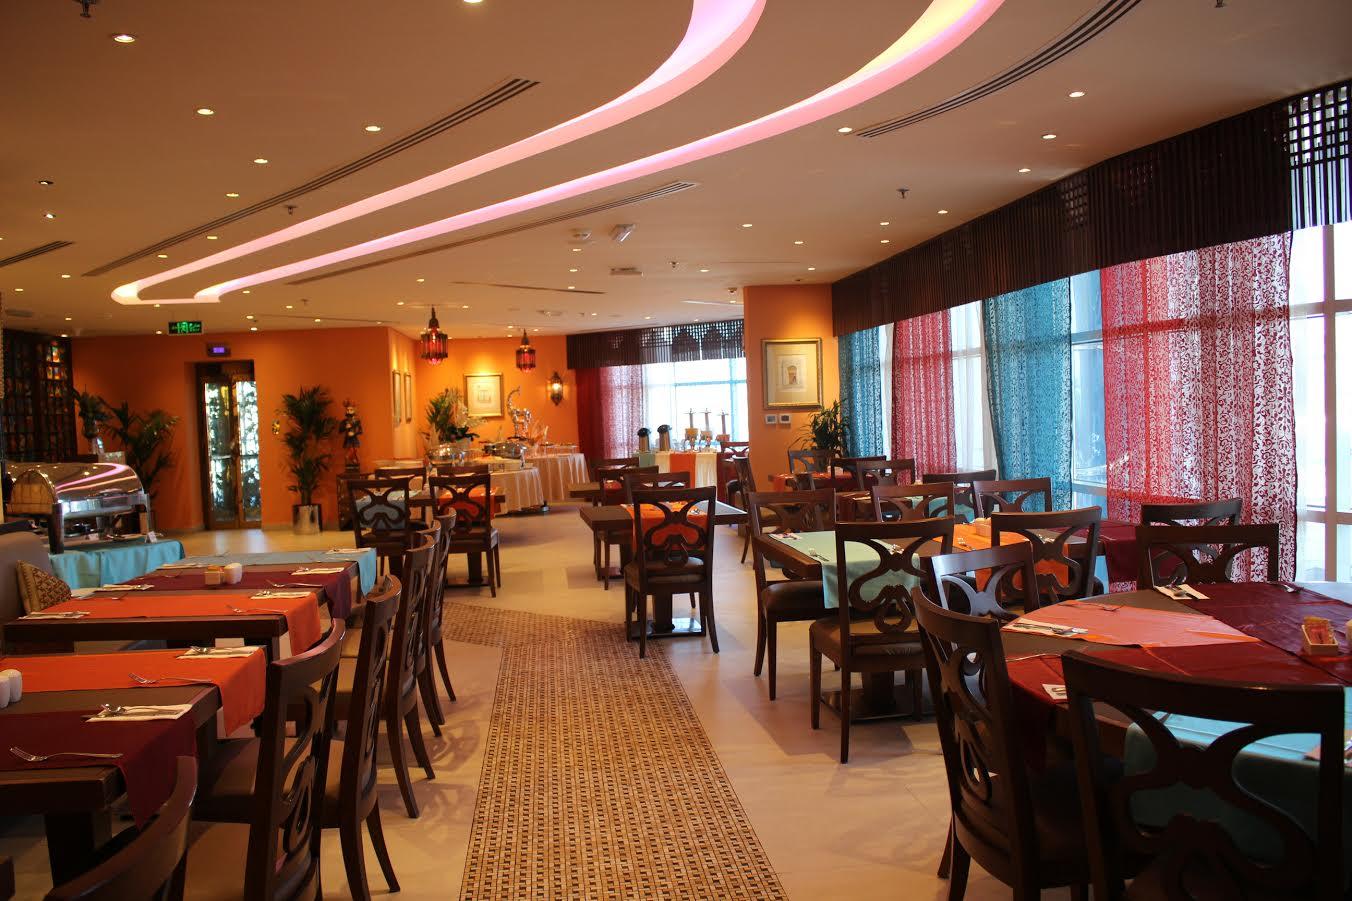 Photo of كريمز تطلق قائمة طعام تضم اشهى المأكولات الهندية الكلاسيكية